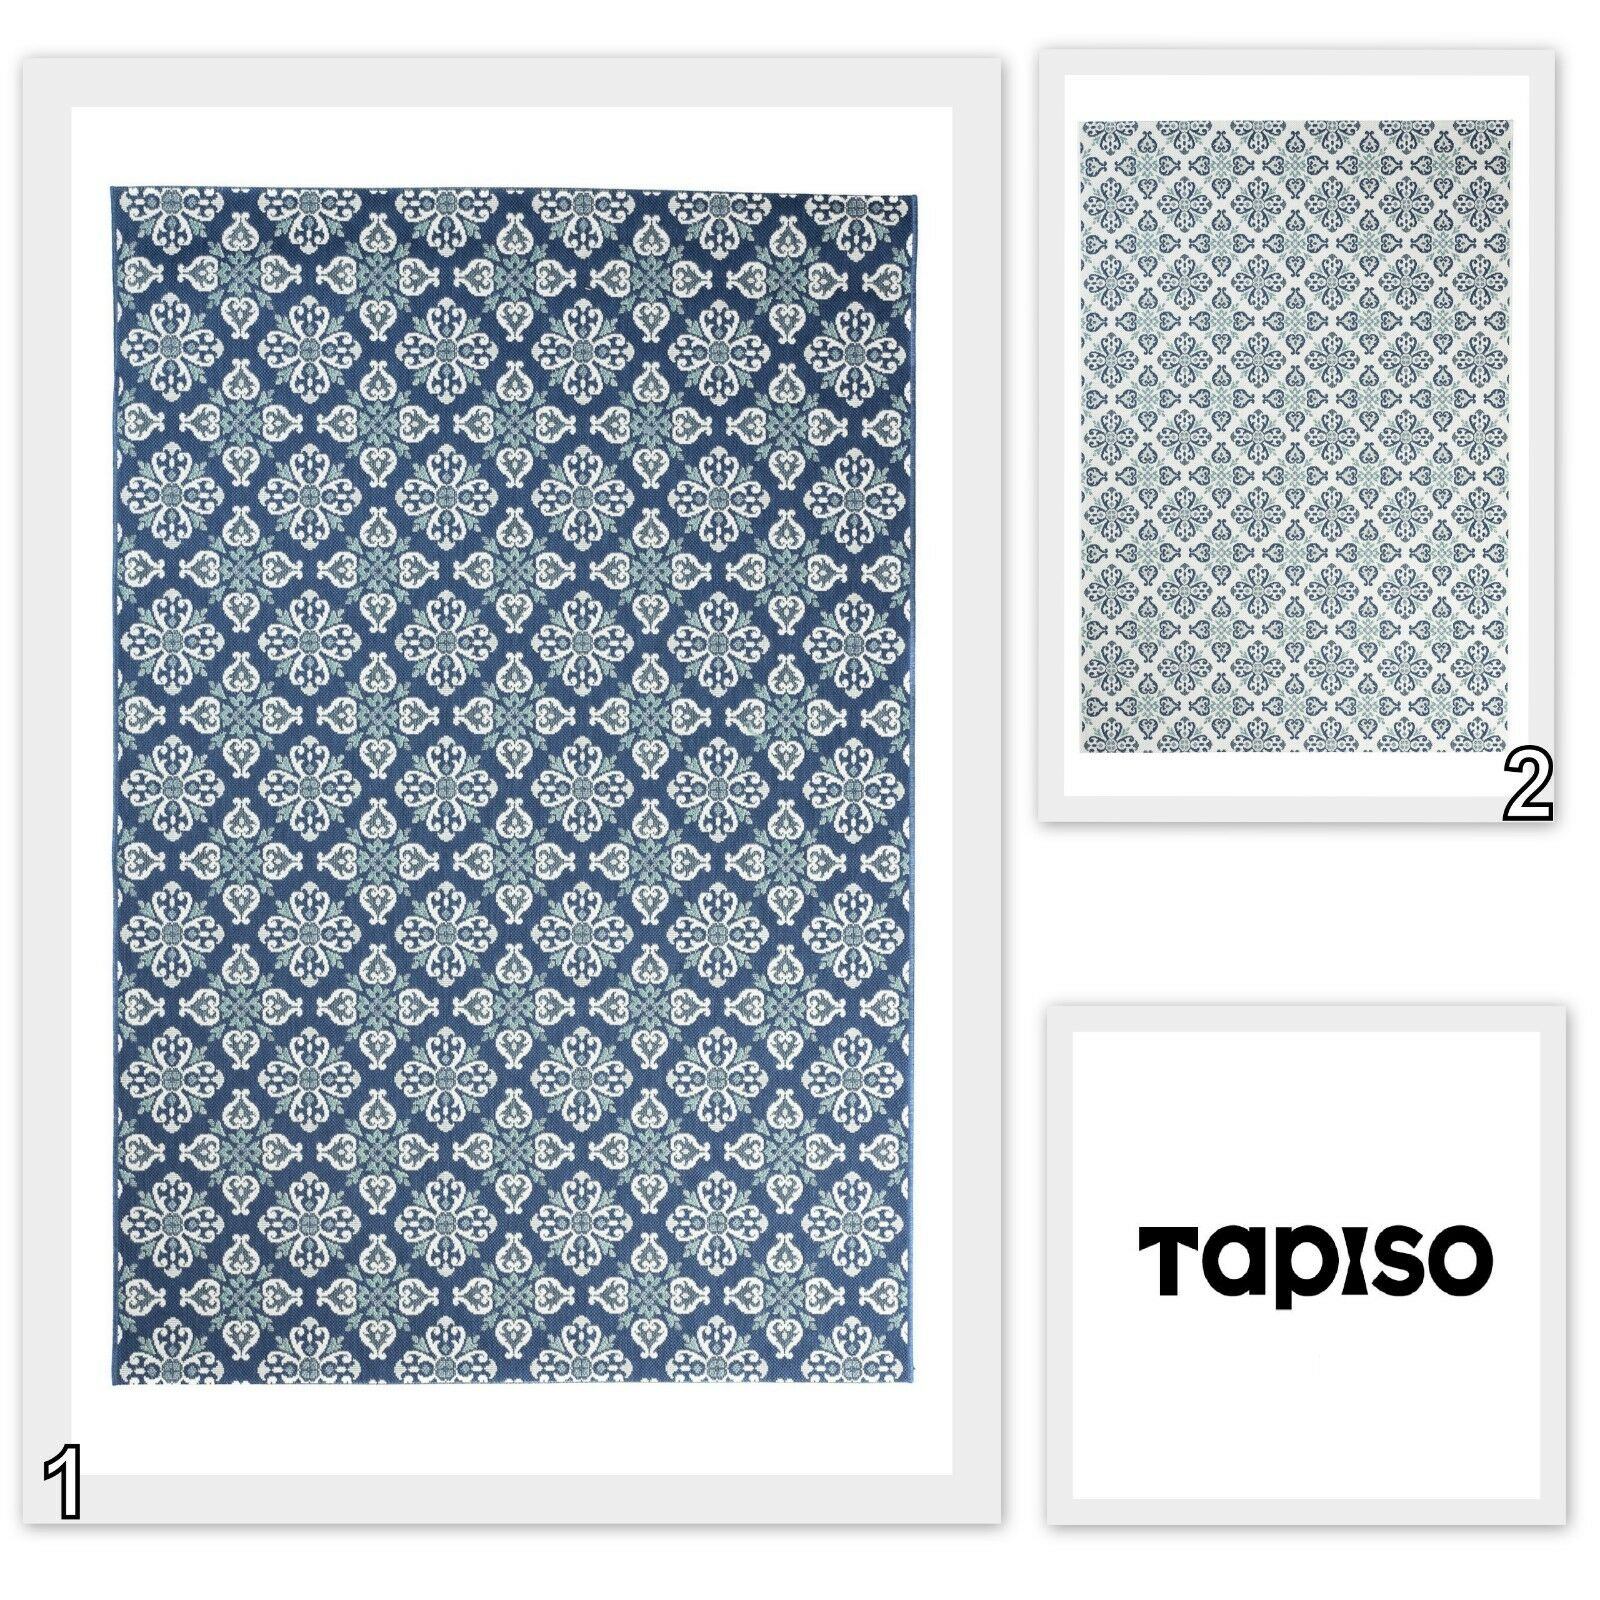 NUOVO Tappeto Moderno Flatweave interni esterni tappetino in sisal Blu sembrare facile da pulire